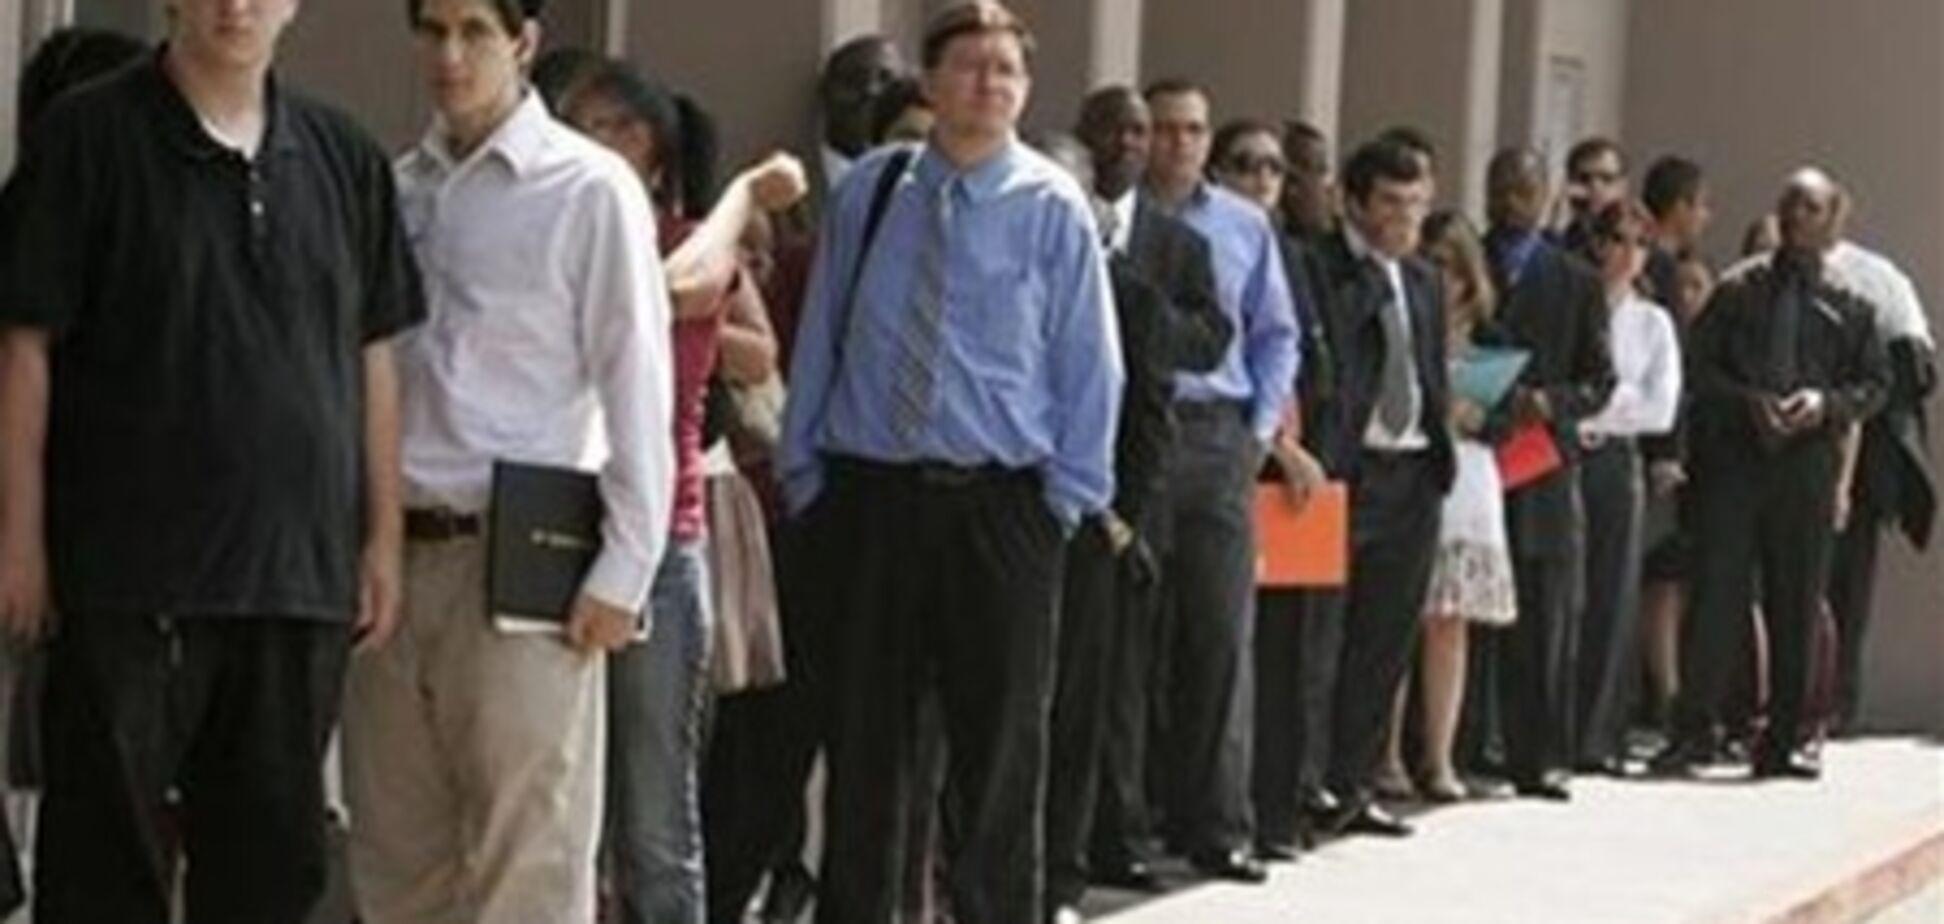 Рівень безробіття в країнах ЄС досяг найвищого рівня - Єврокомісія